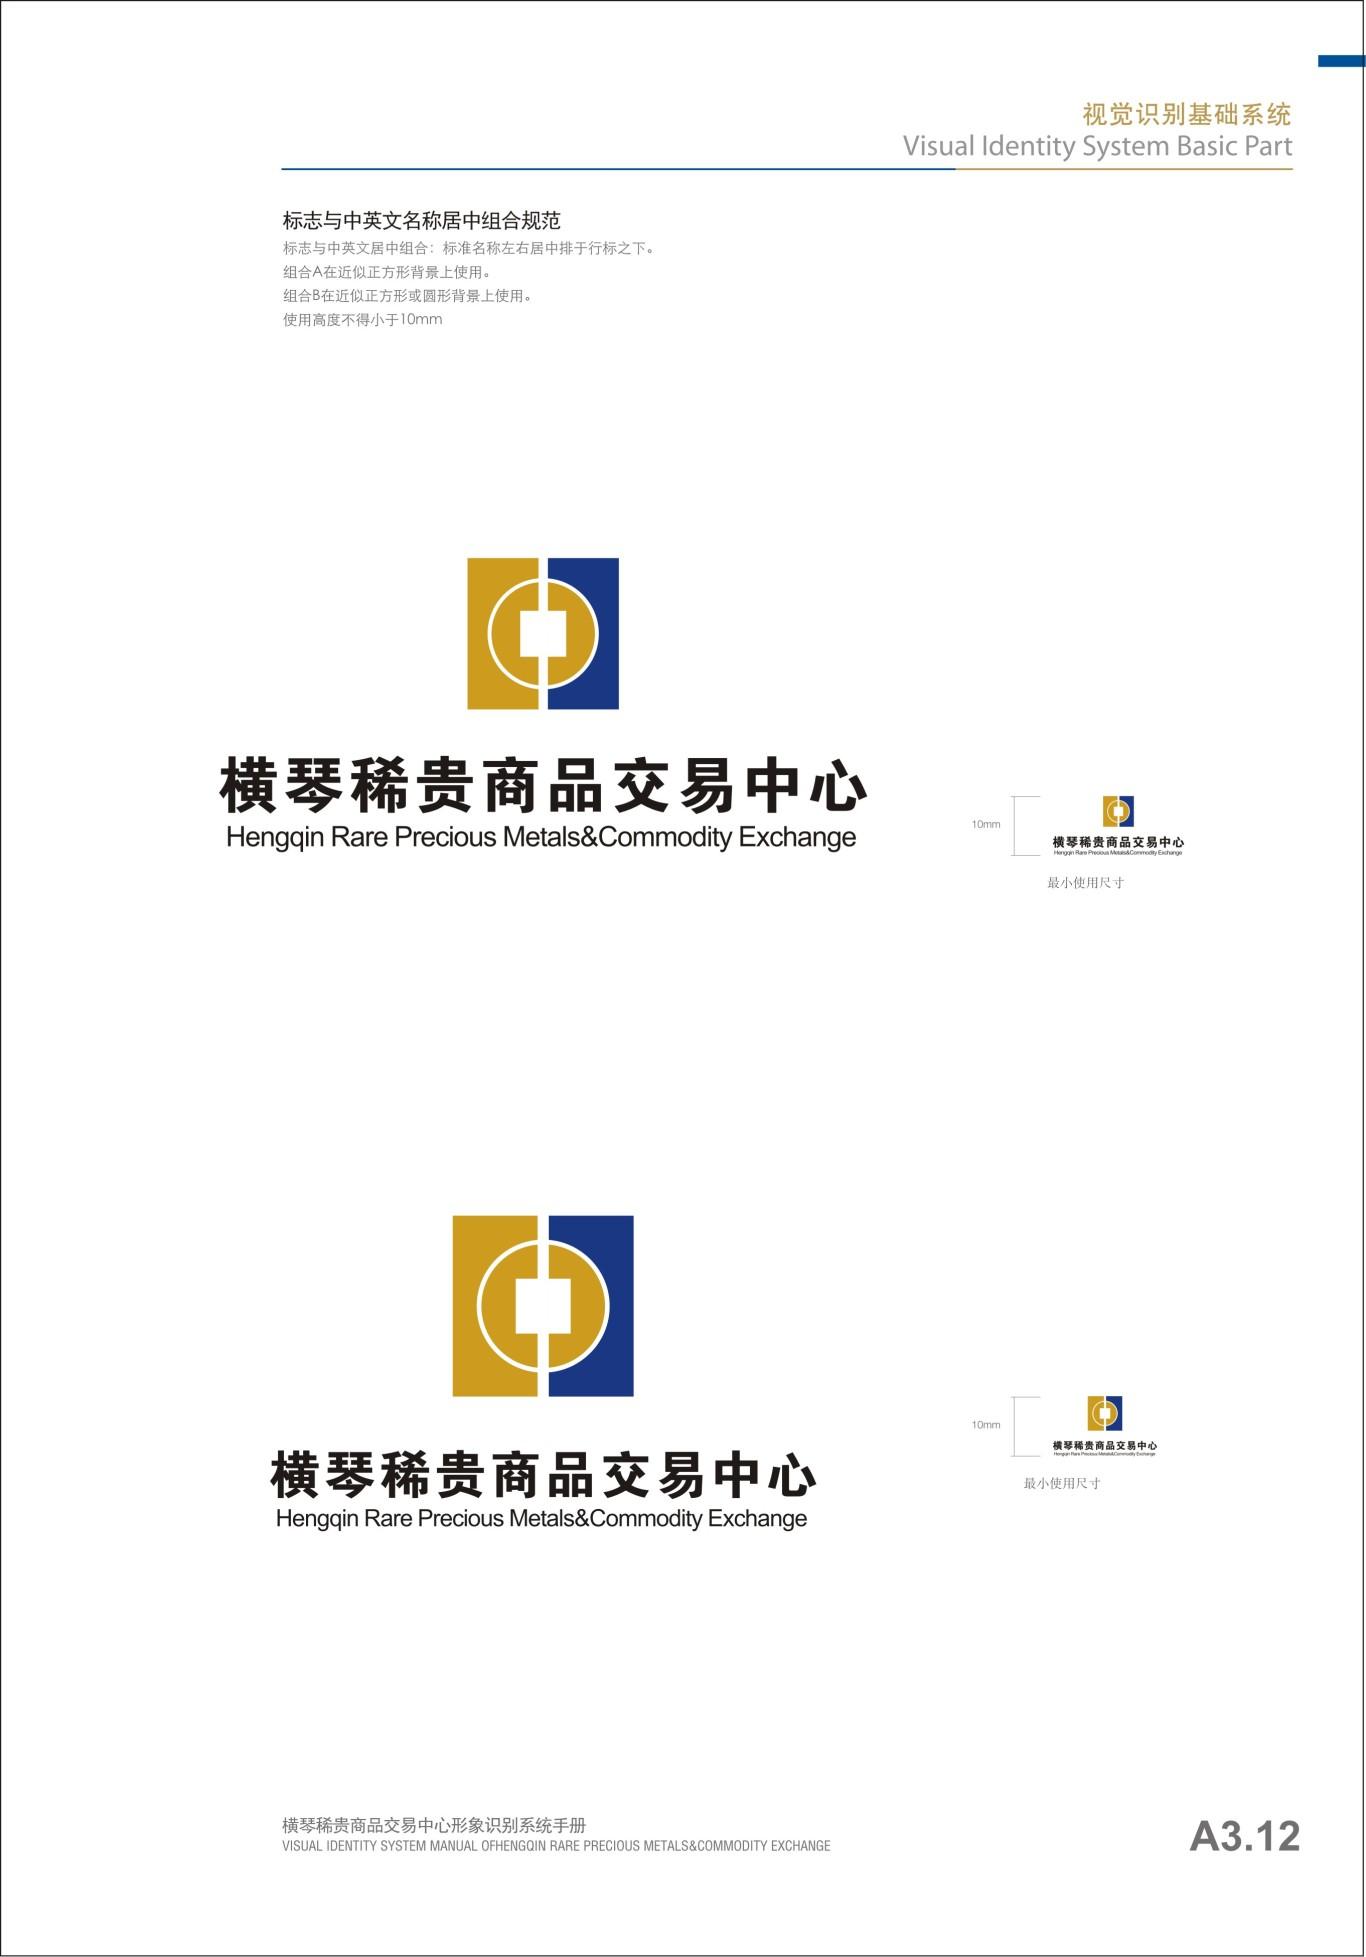 贵金属行业横琴稀贵VI手册设计图10